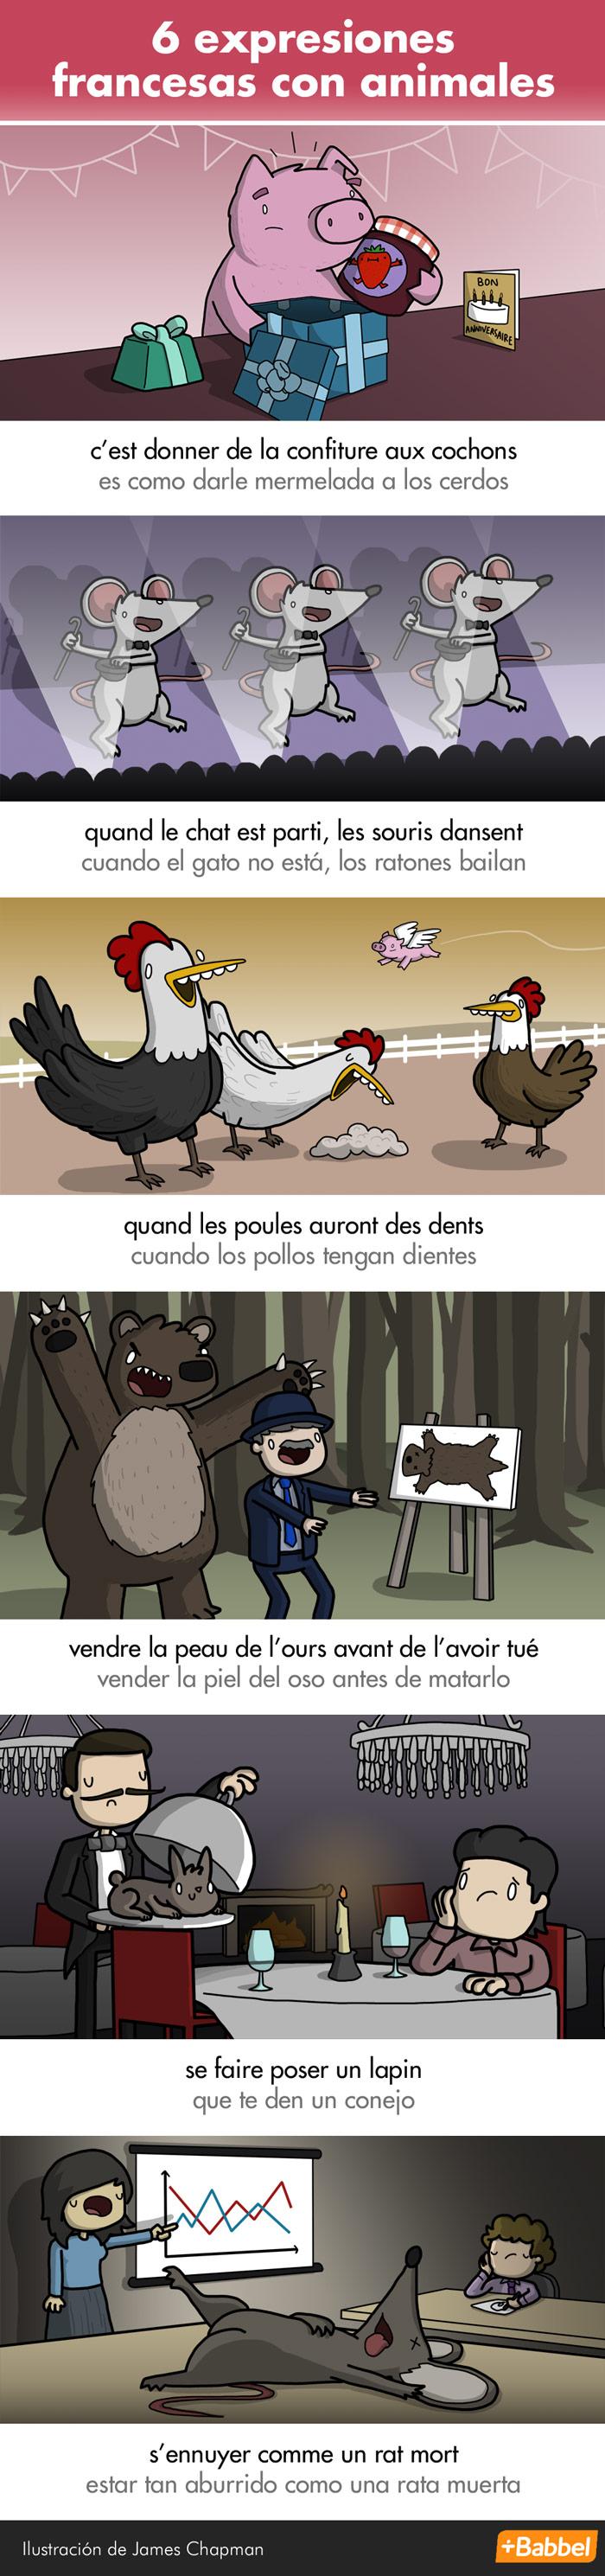 ¡Algo para beber o mato al perro! Expresiones francesas con animales